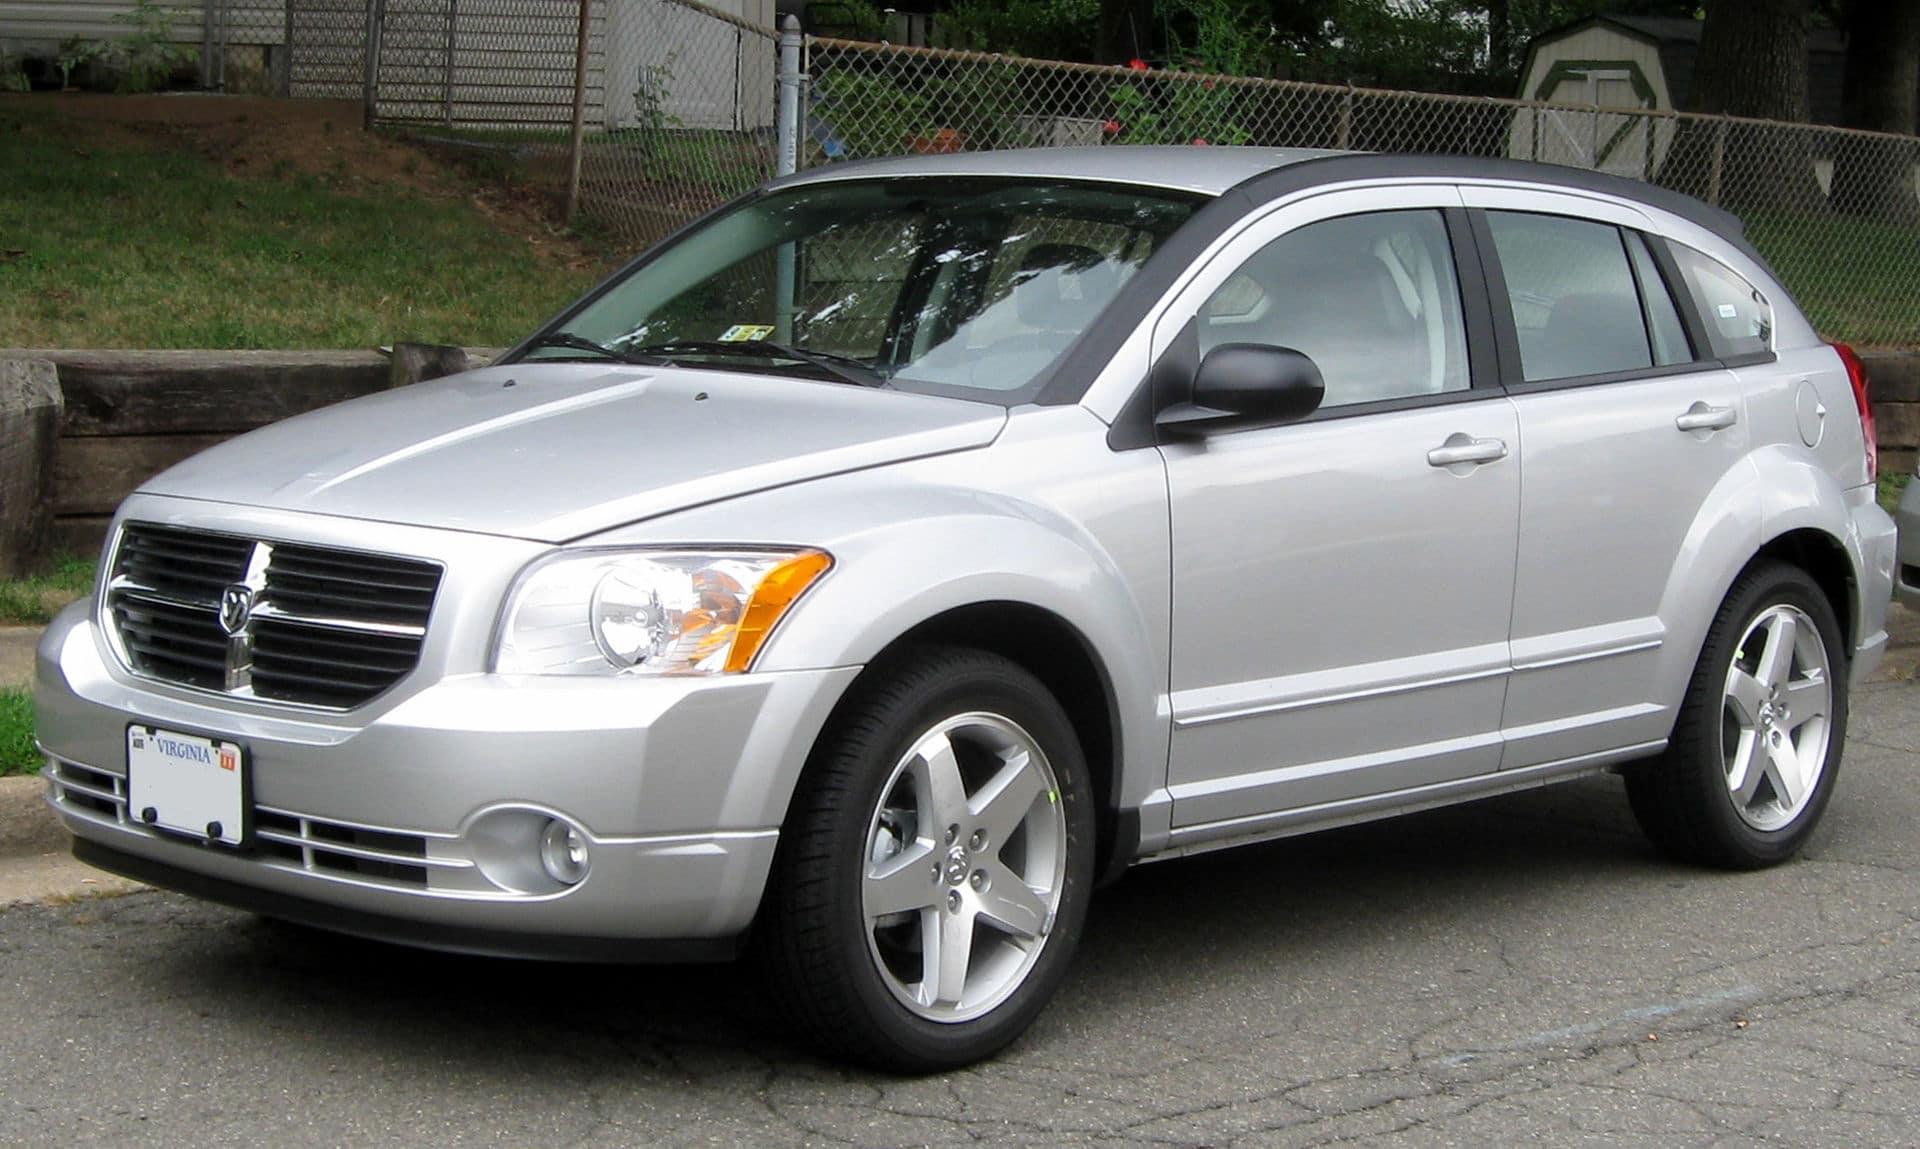 Dodge_Caliber_--_09-07-2009